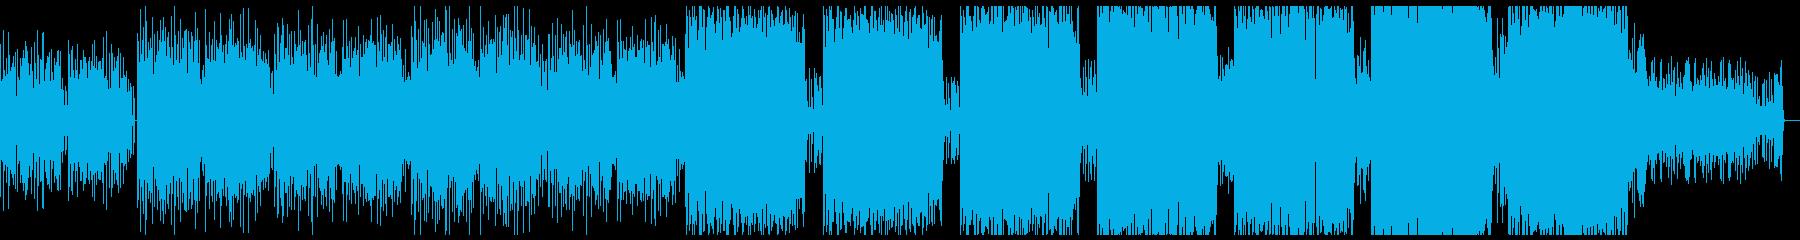 近未来感を感じさせるシンセ音とリズム感の再生済みの波形